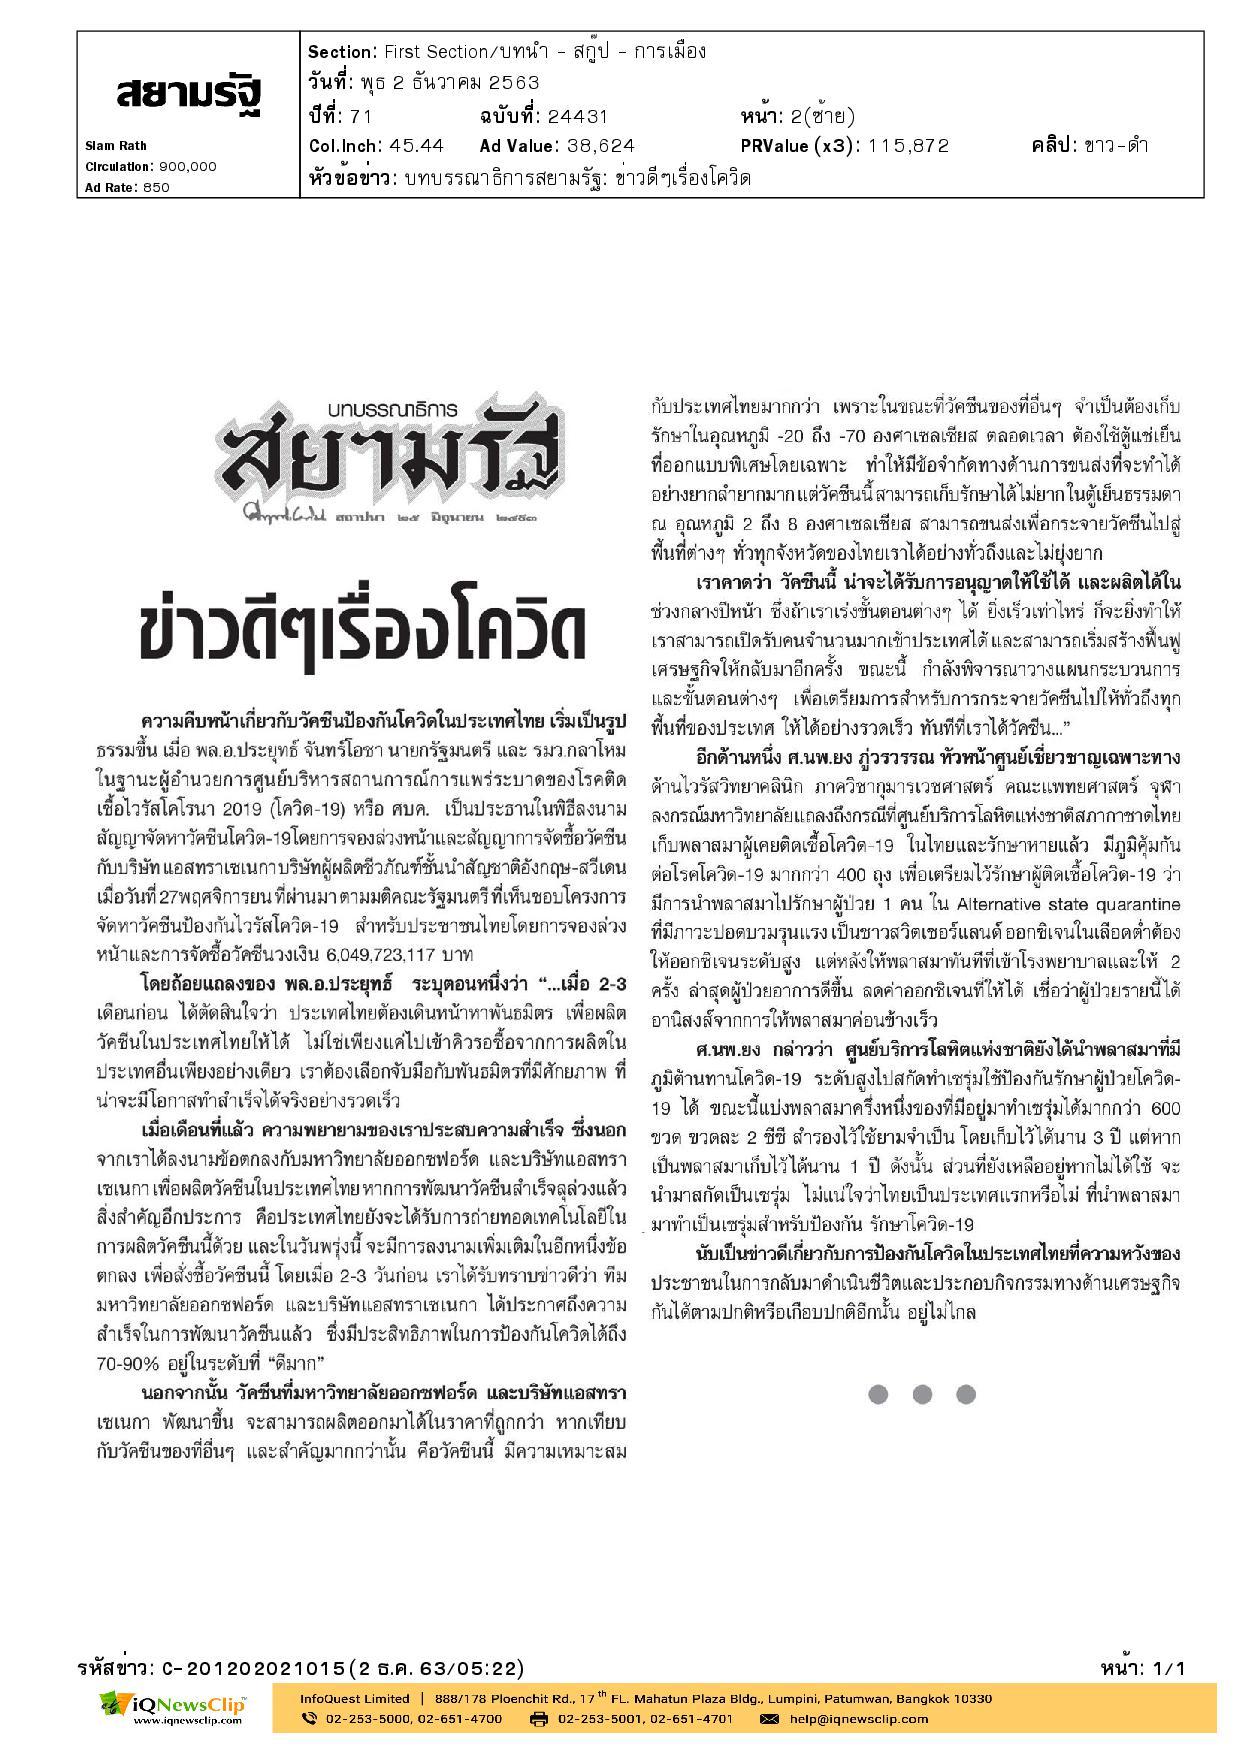 ศ.นพ.ยง ภู่วรวรรณ กล่าวถึงความคืบหน้ากับวัคซีนป้องกันโควิด-19ในประเทศไทย